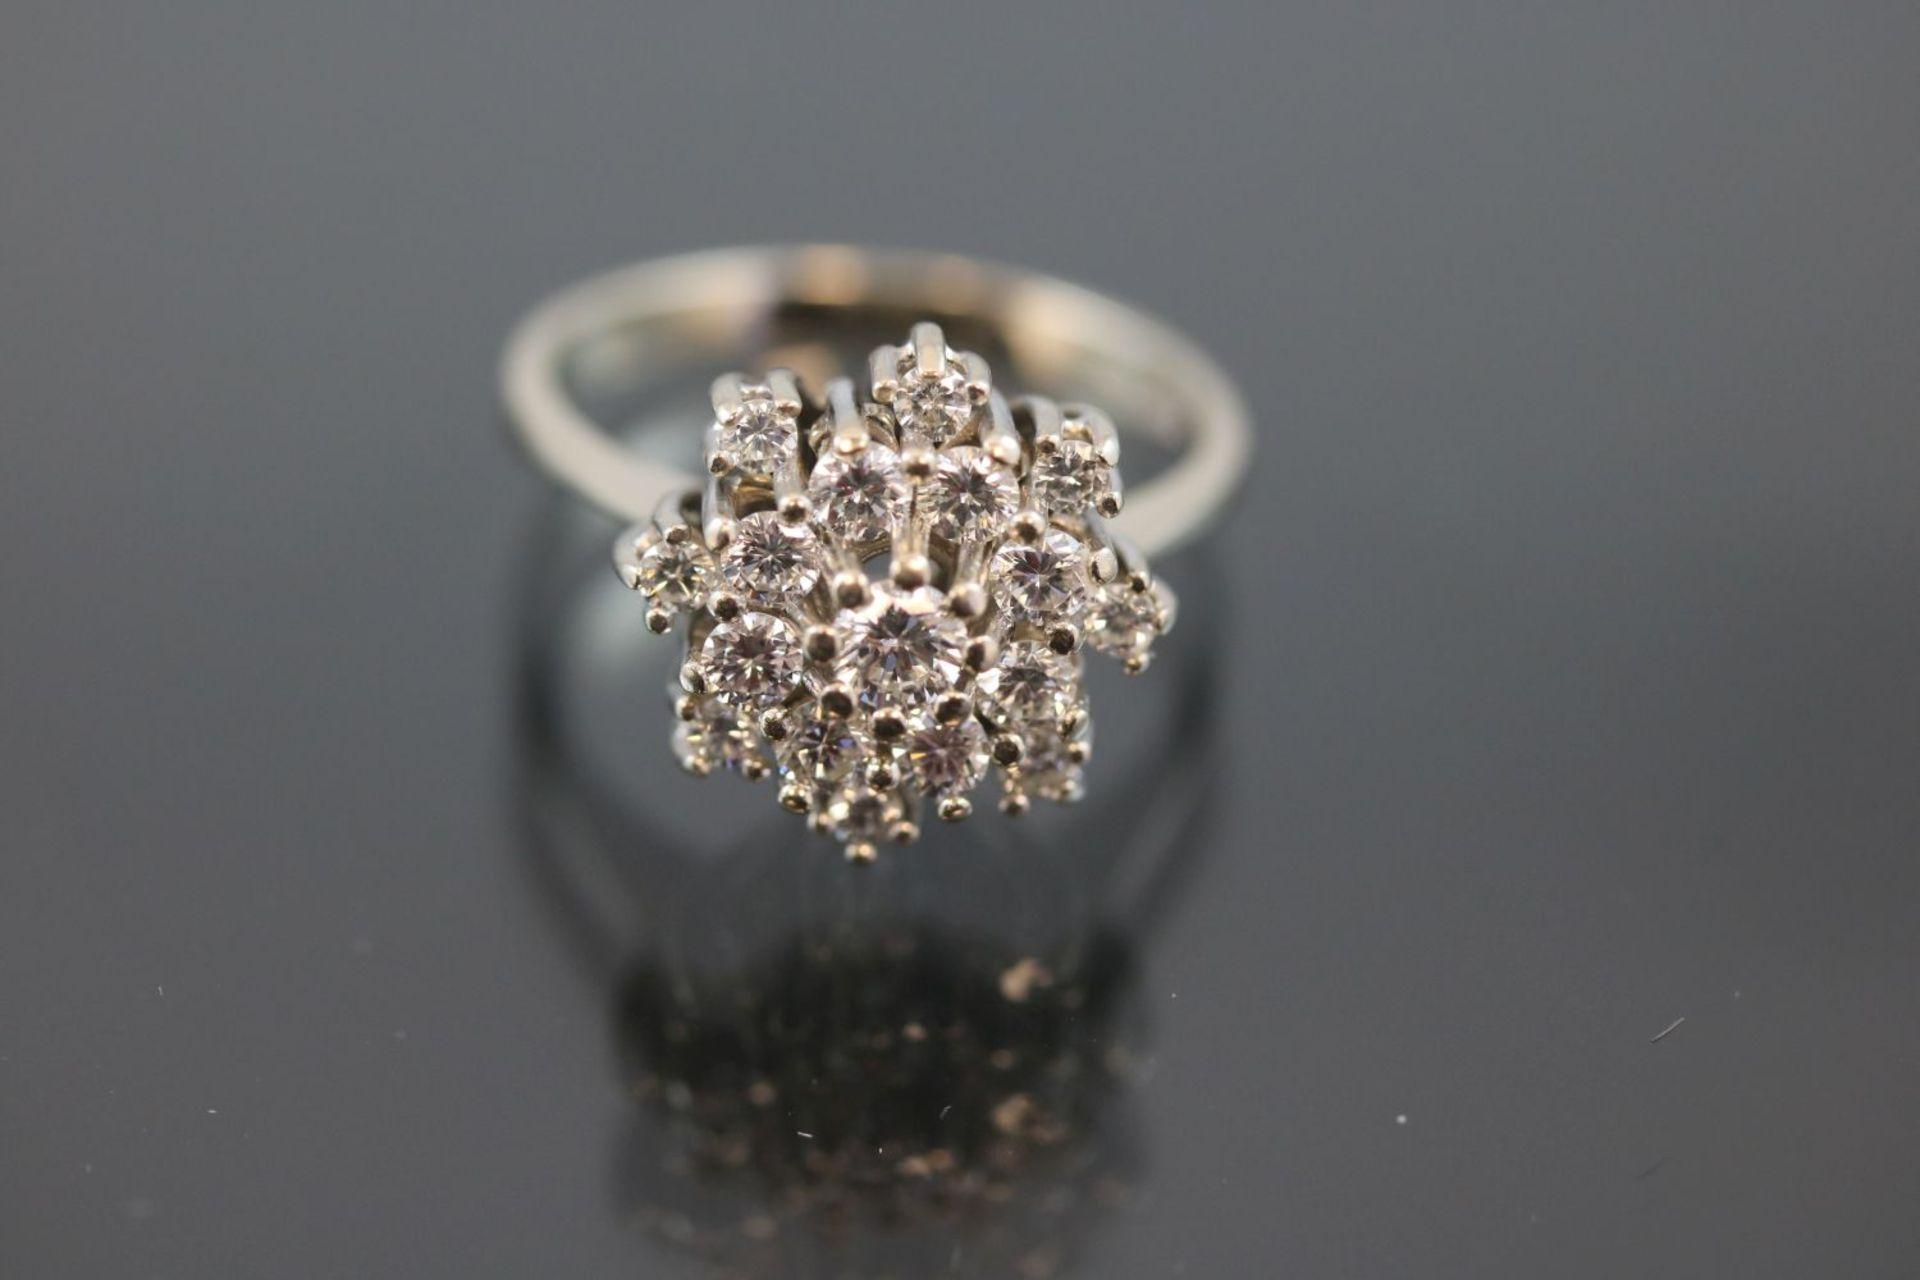 Brillant-Ring, 585 Weißgold5,3 Gramm 17 Brillanten, 1 ct., w/si. Ringgröße: 57Schätzpreis: 2500,-